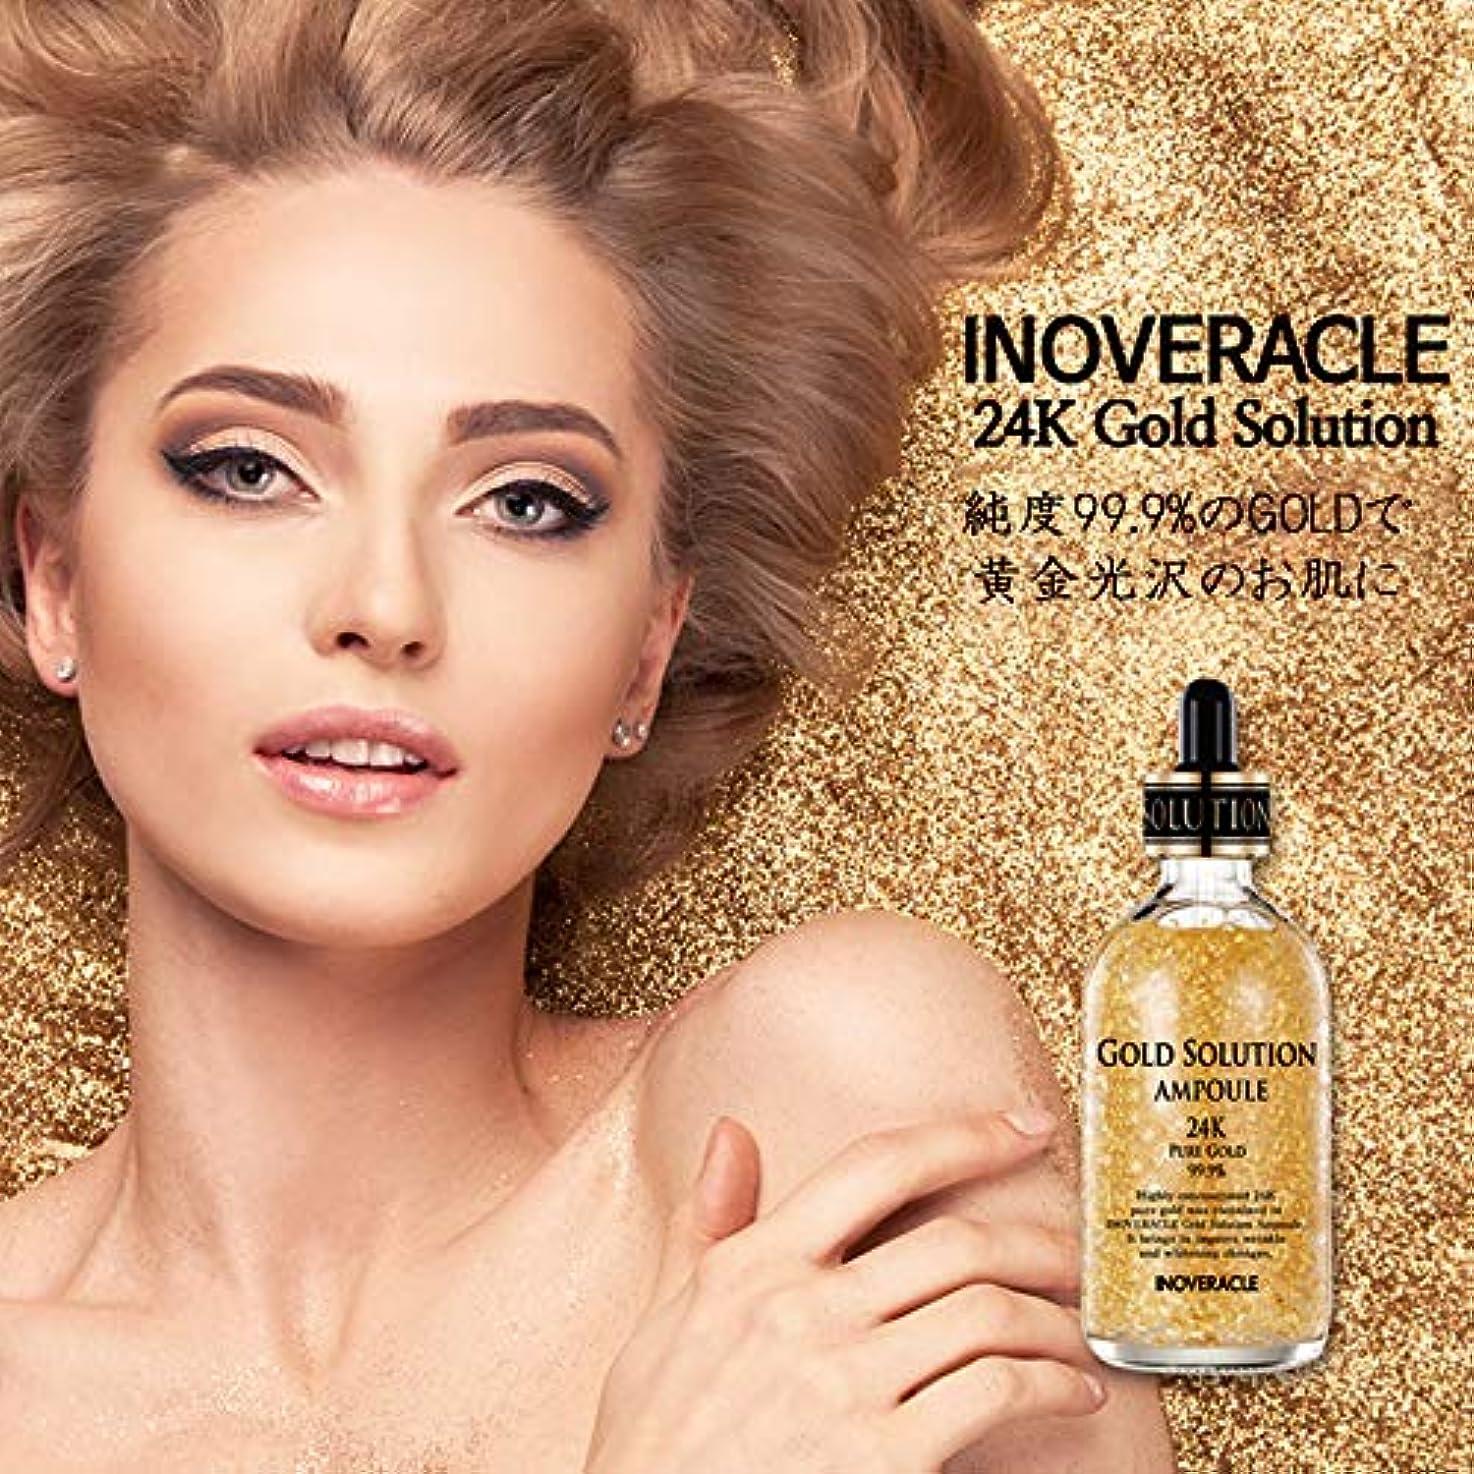 驚いたバイオリニストくつろぐINOVERACLE GOLD SOLUTION AMPOULE 24K 99.9% 純金 アンプル 100ml 美容液 スキンケア 韓国化粧品 光沢お肌 美白美容液